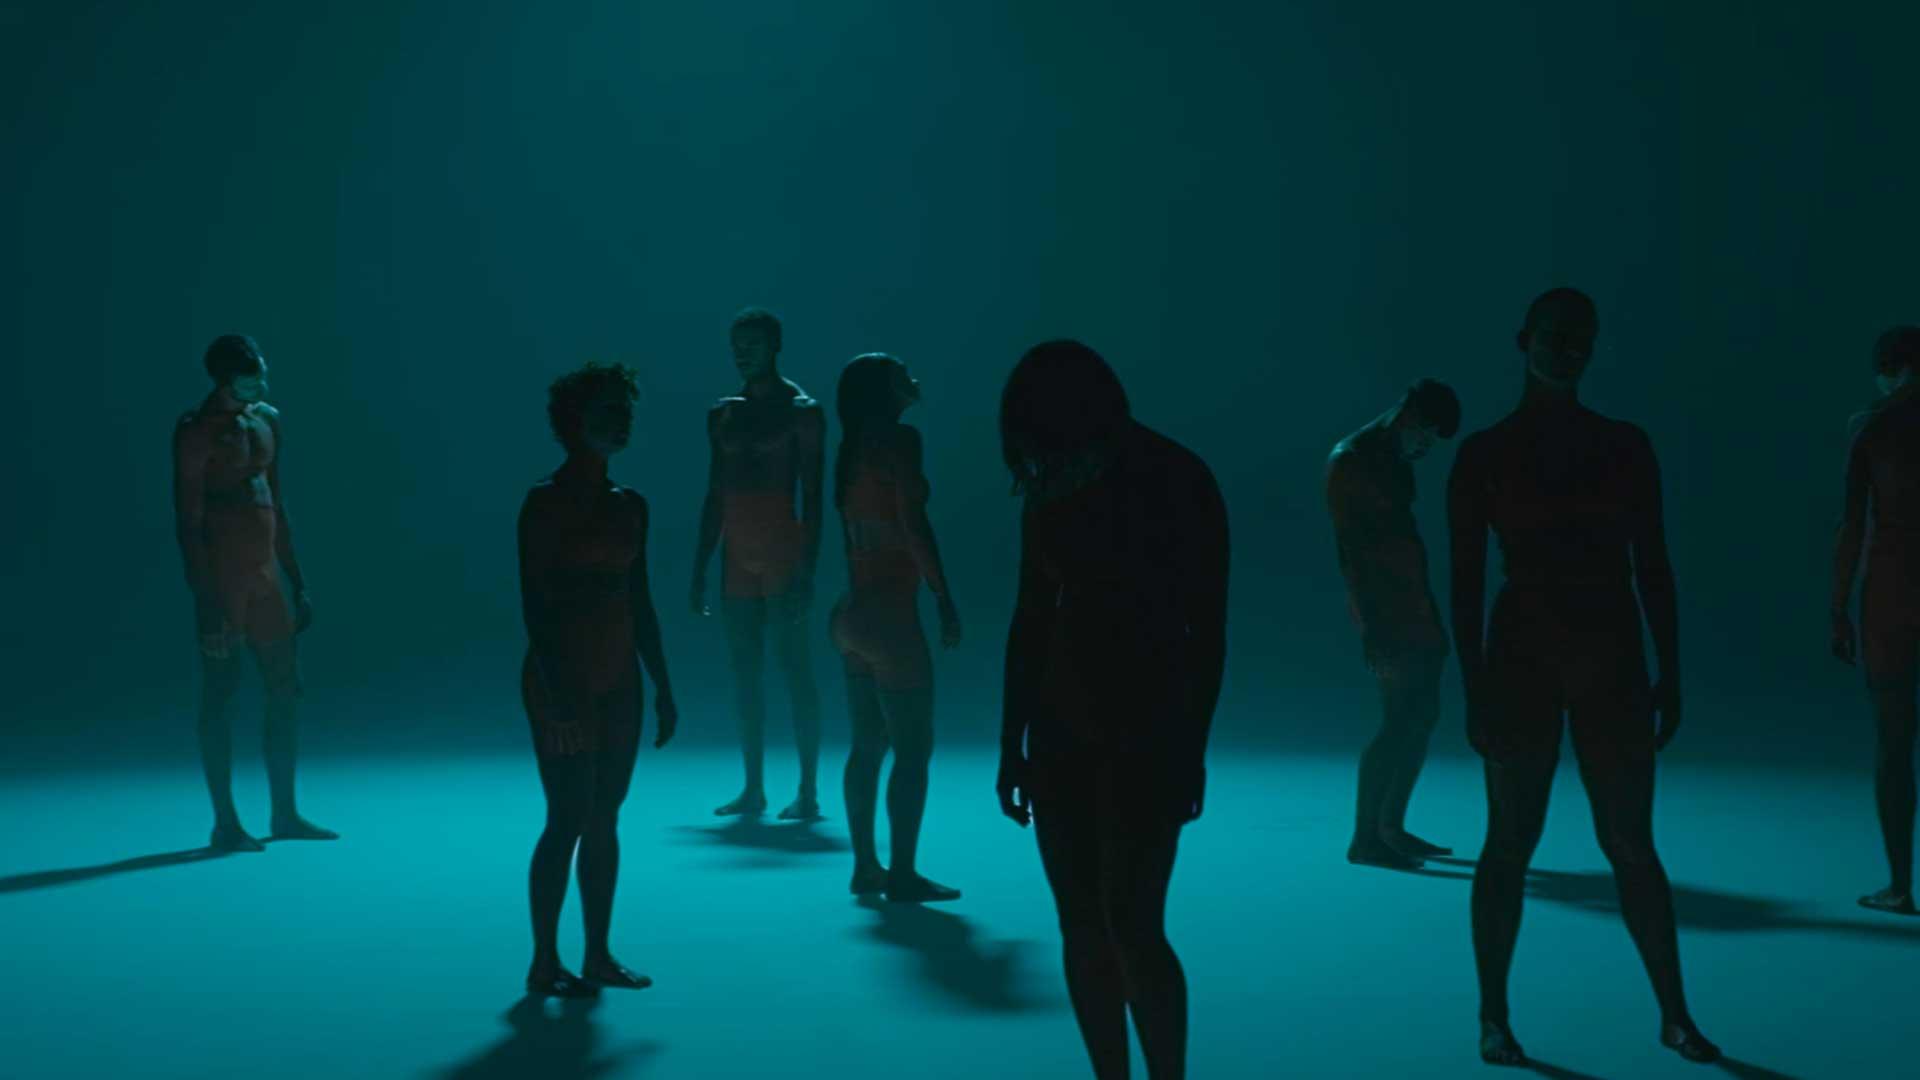 homme femme danse bleu sombre contraste